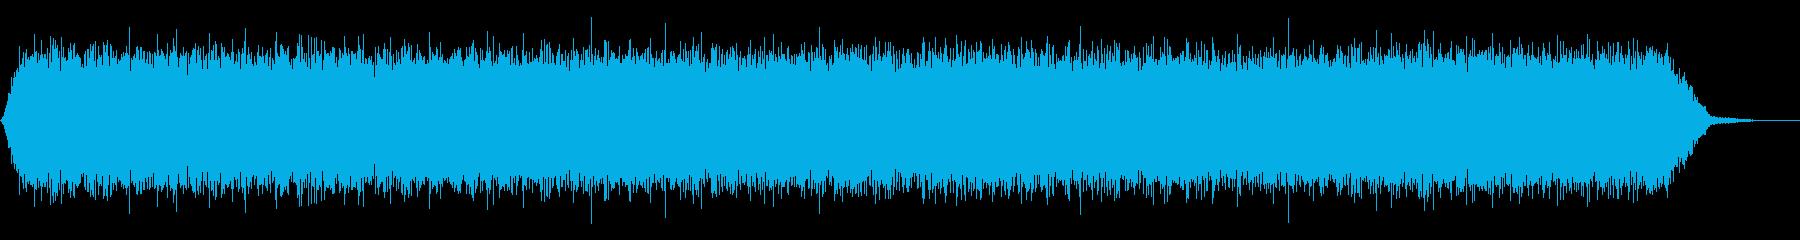 【アンビエント】ドローン_37 実験音の再生済みの波形